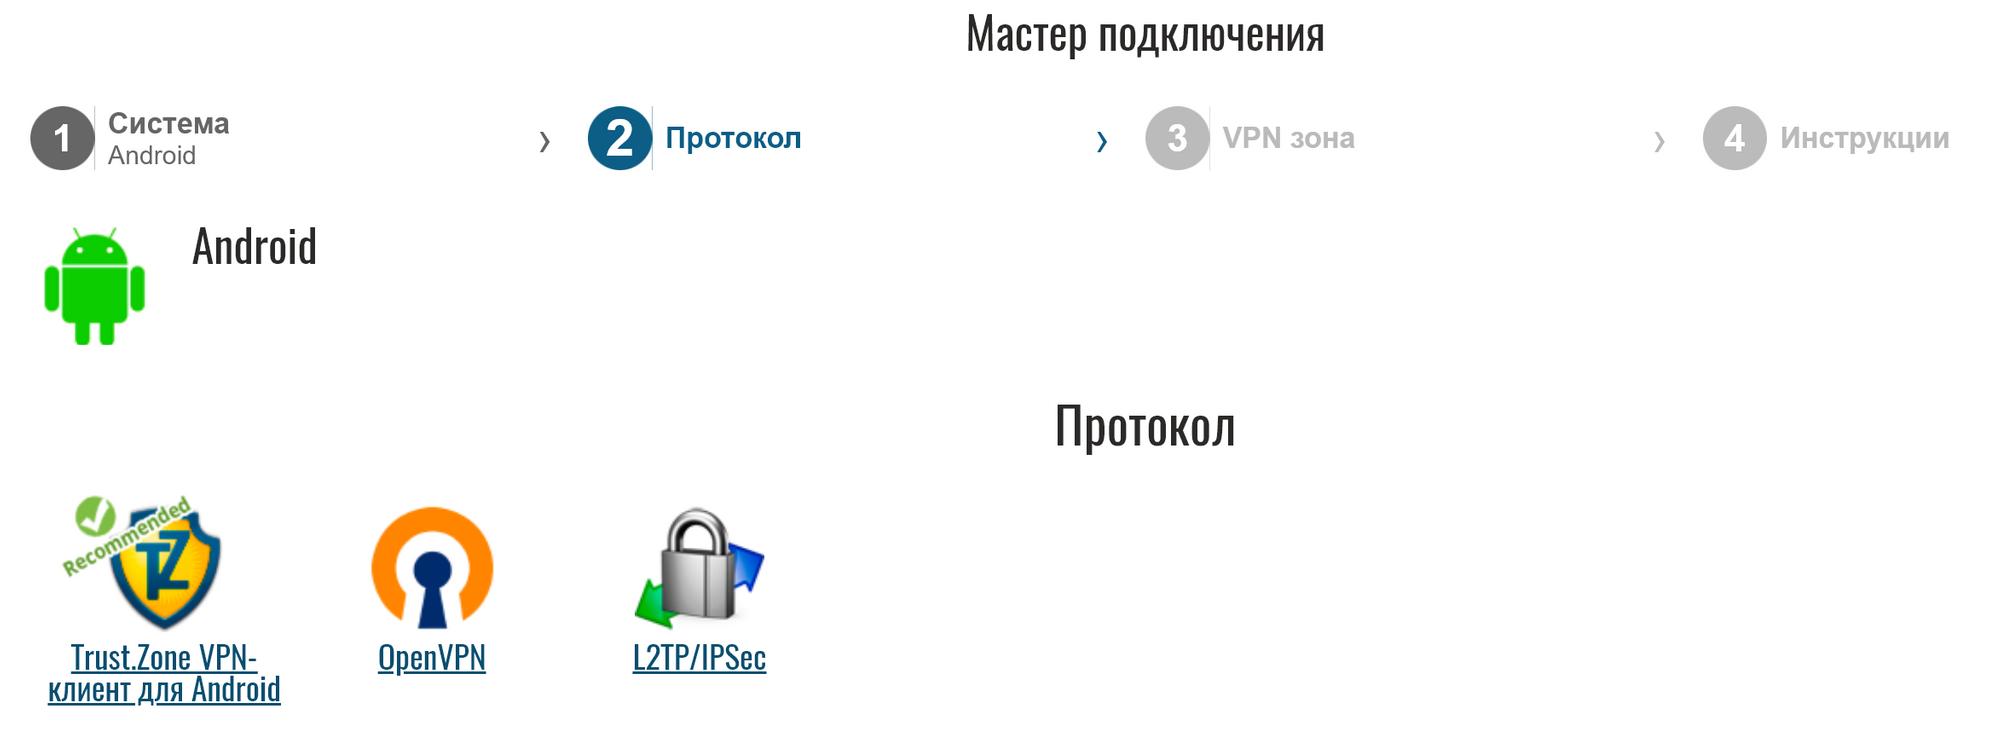 Настройка Trust.Zone на Android